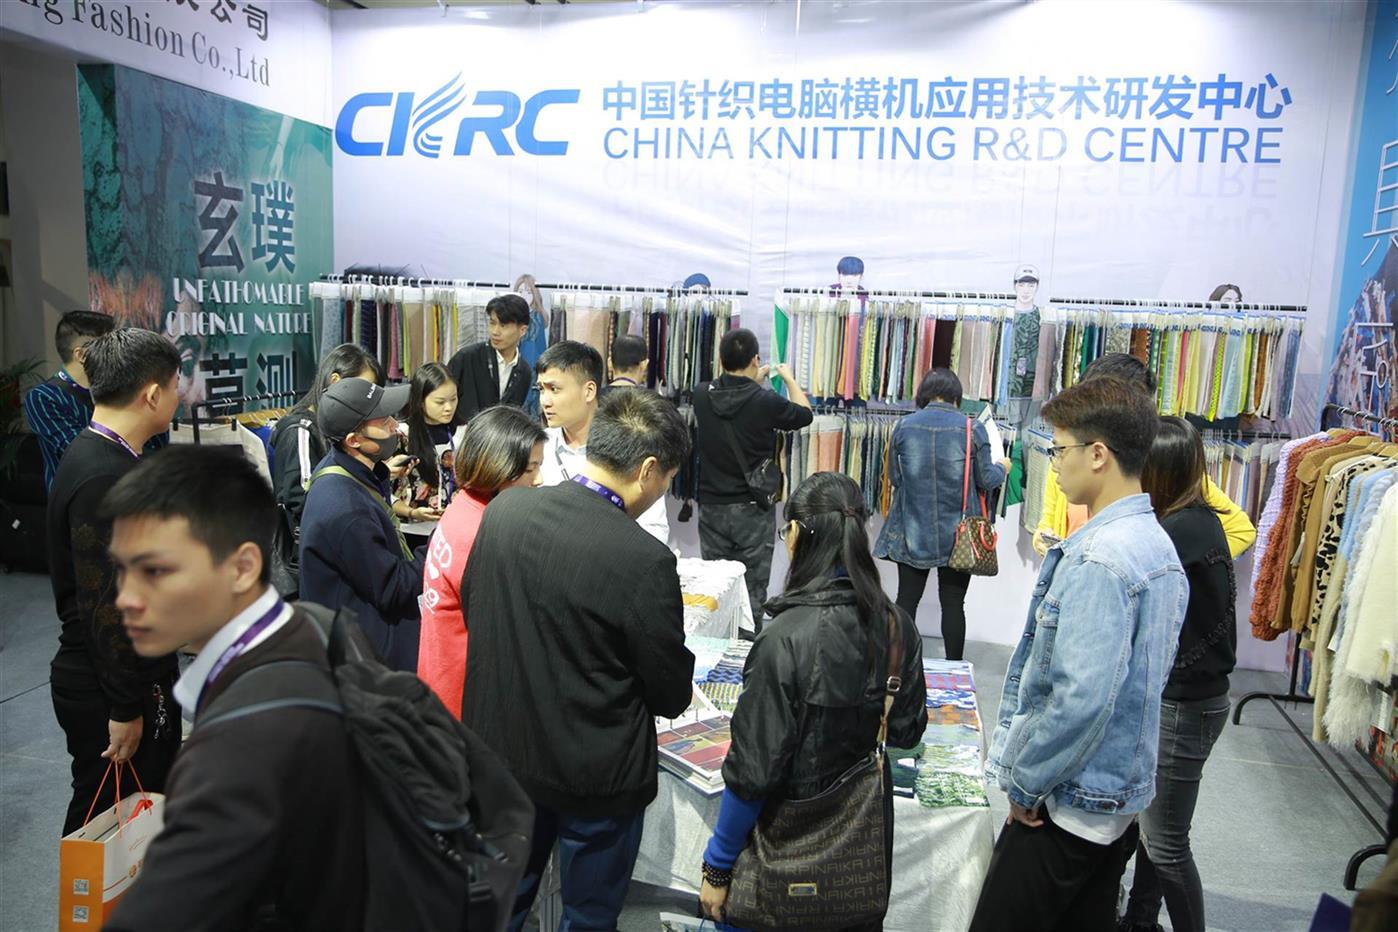 深圳秋季服装展开展时间 2020年服装羽绒服展 展出品牌丰富